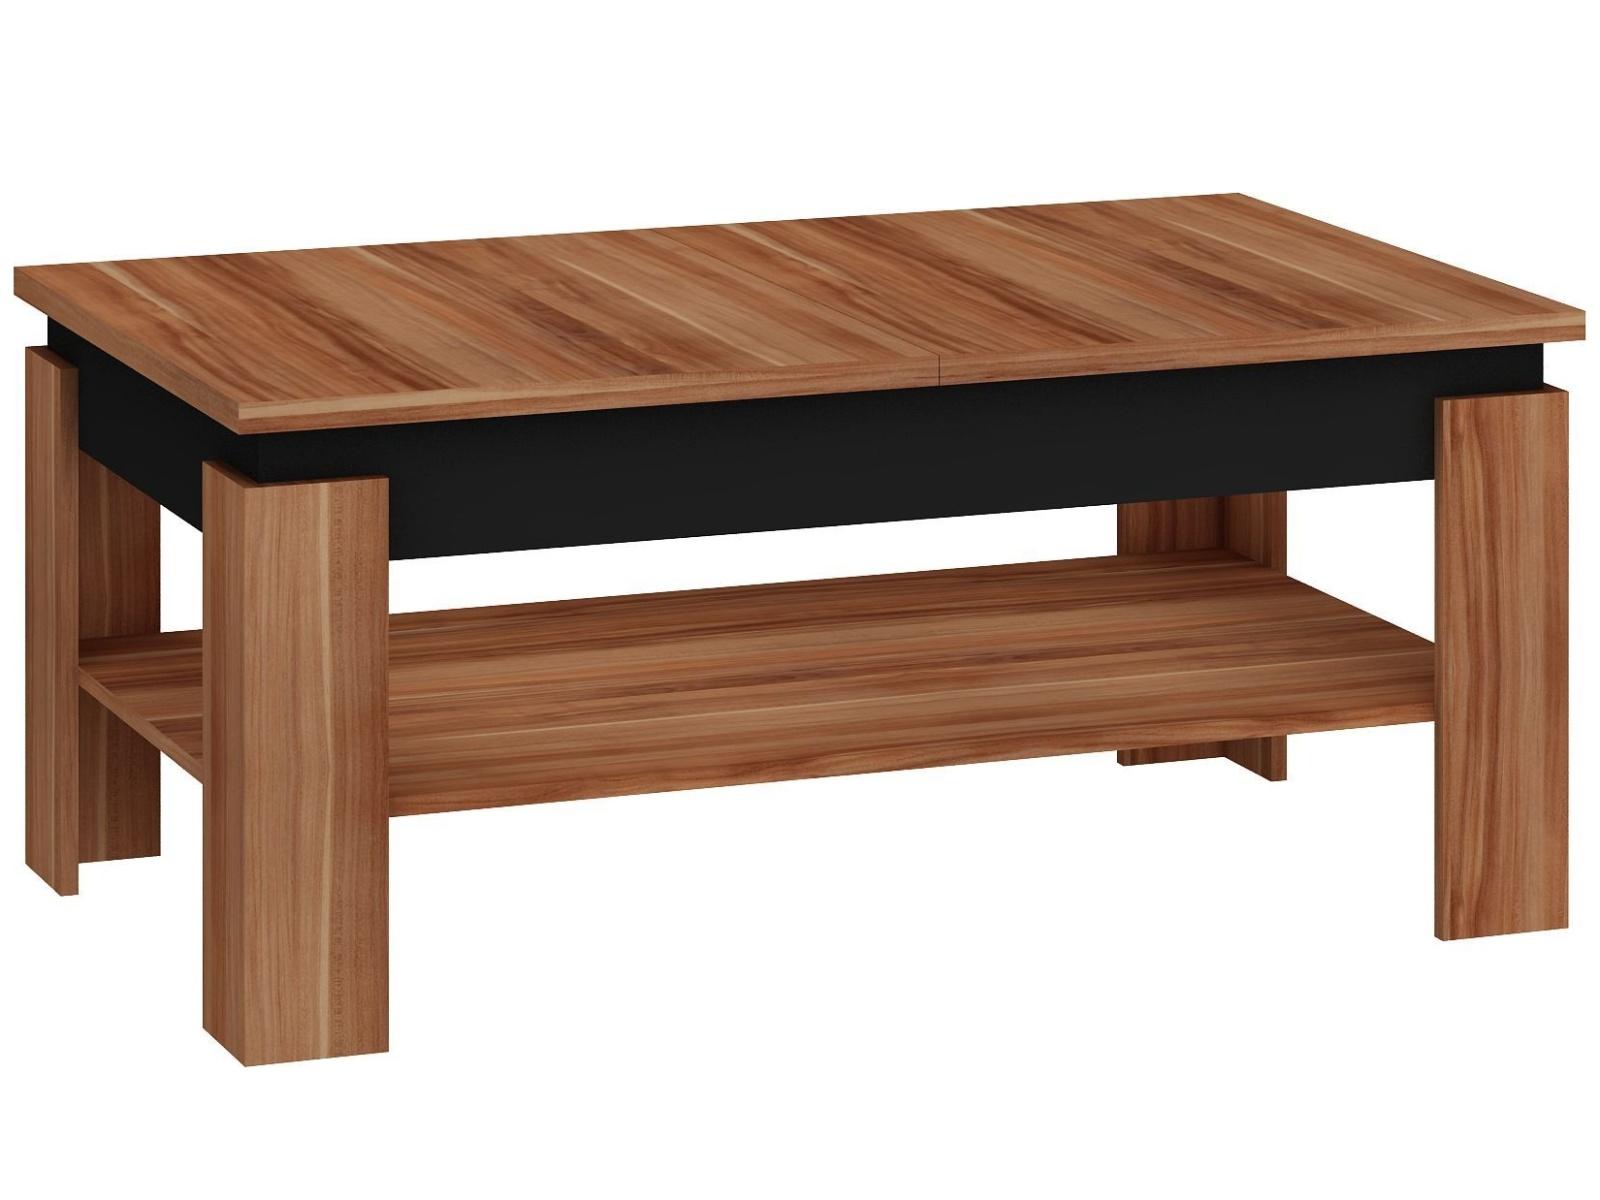 MORAVIA FLAT Konferenční rozkládací stolek BOSTON, švestka wallis/černá